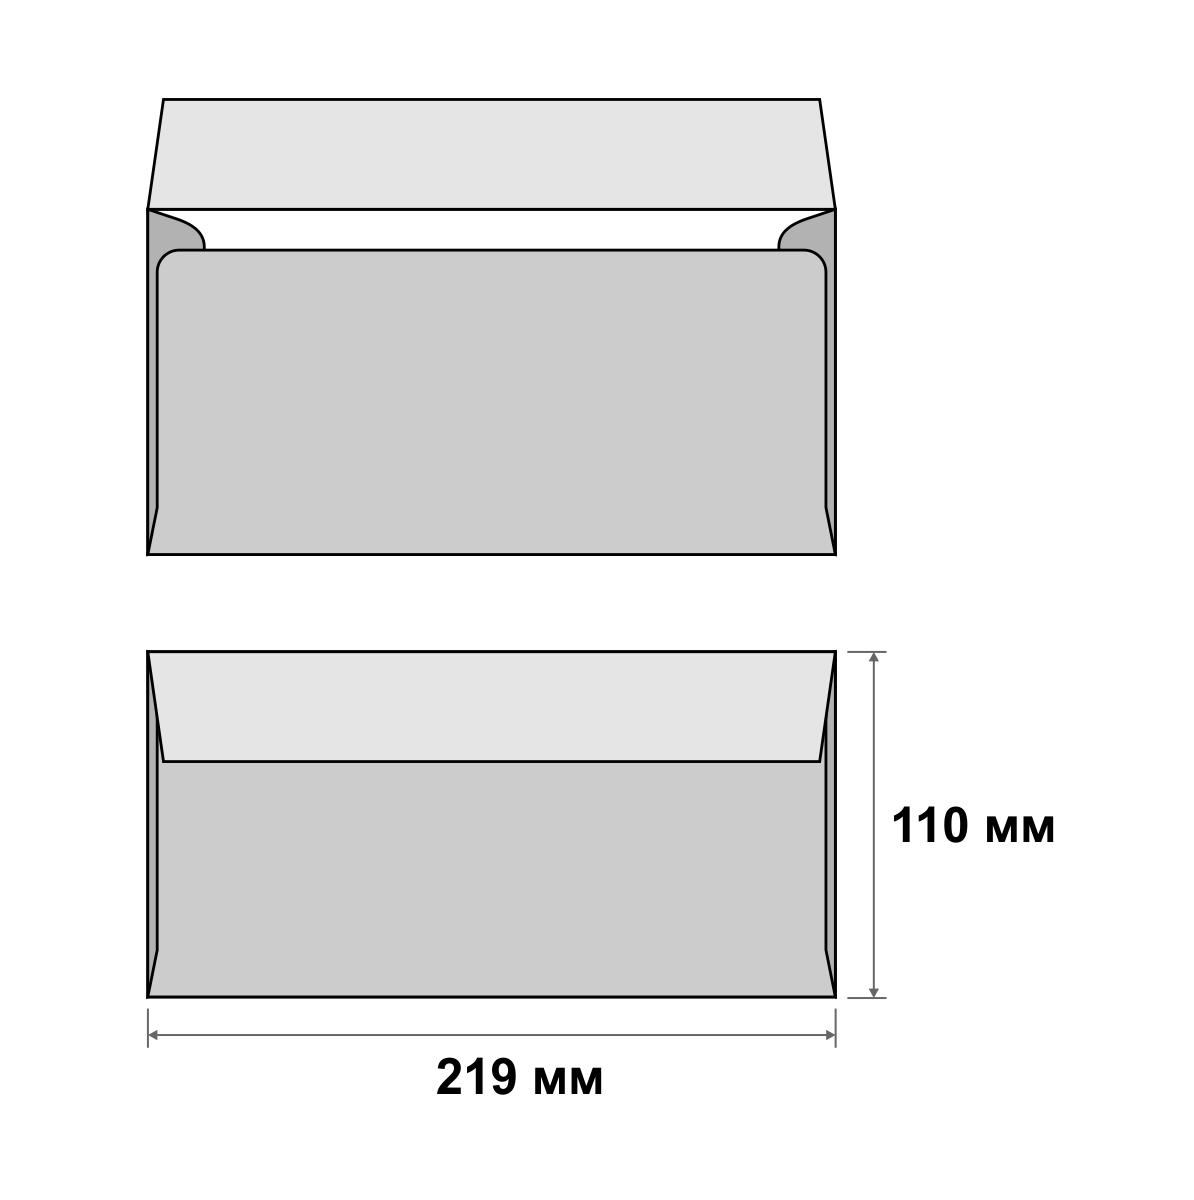 Упаковка для пластиковой подарочной карты в виде нестандартного конверта 219x110 мм